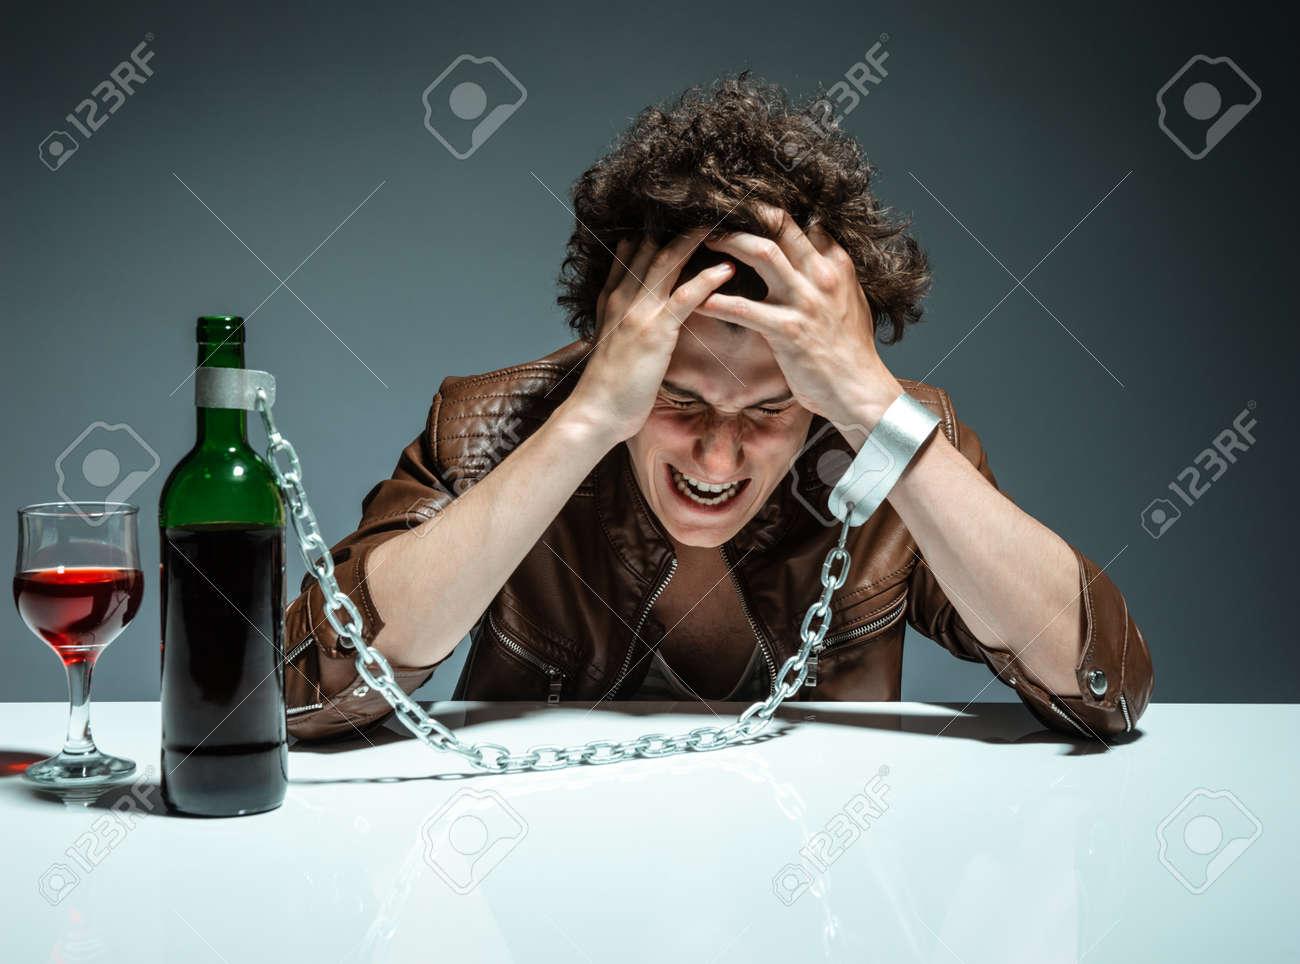 Daños que podría provocar la ingesta excesiva de alcohol